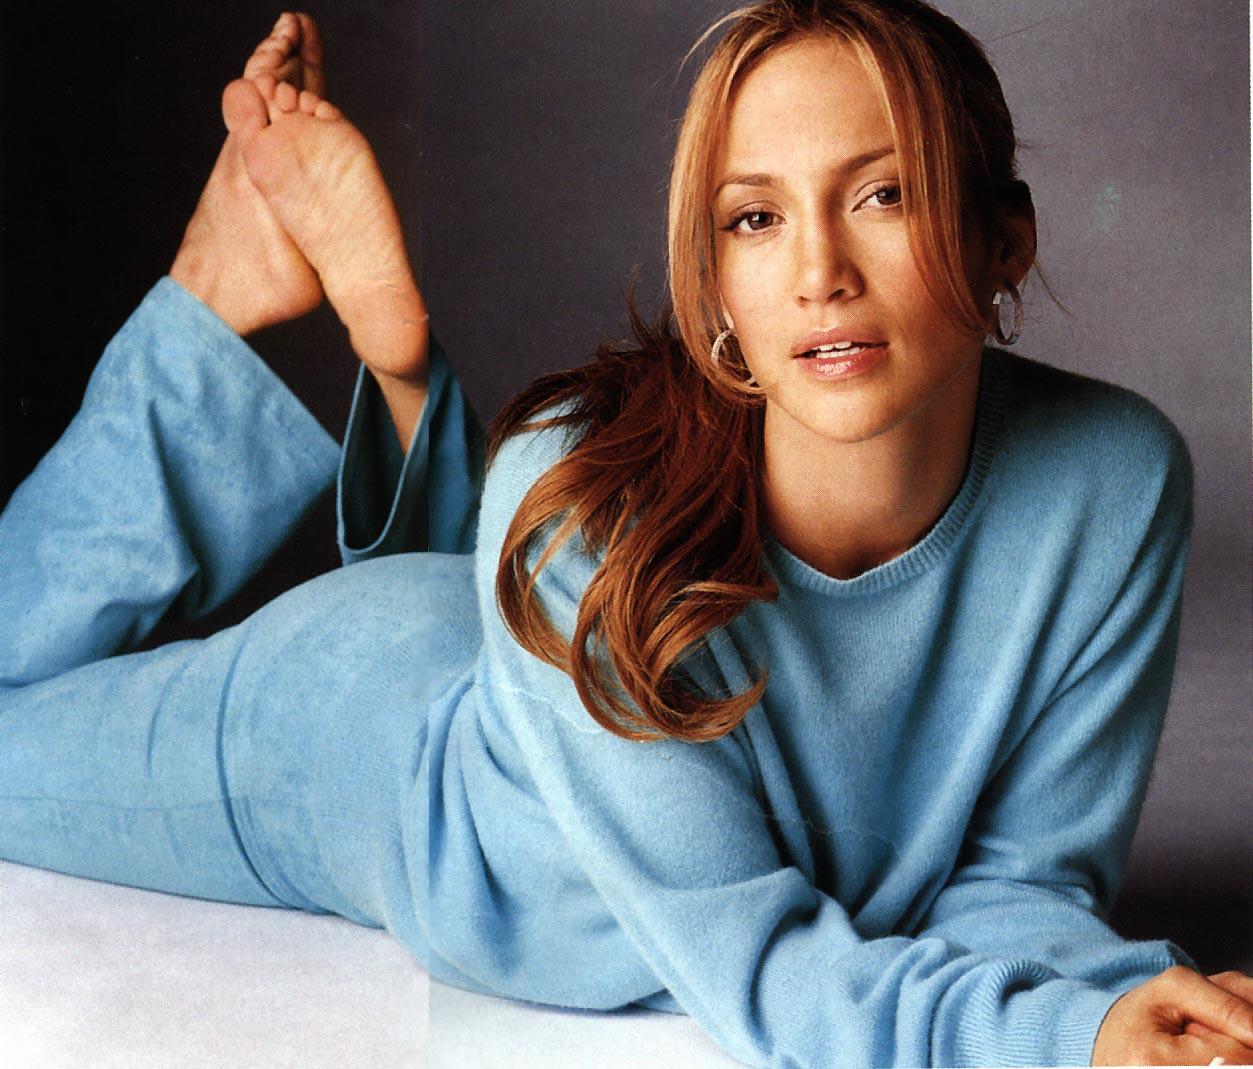 http://1.bp.blogspot.com/-hI7xKFA8mLc/T0DB5DPPh5I/AAAAAAAABeg/wkMgRq92GYo/s1600/Jennifer-Lopez-Feet-30851.jpg